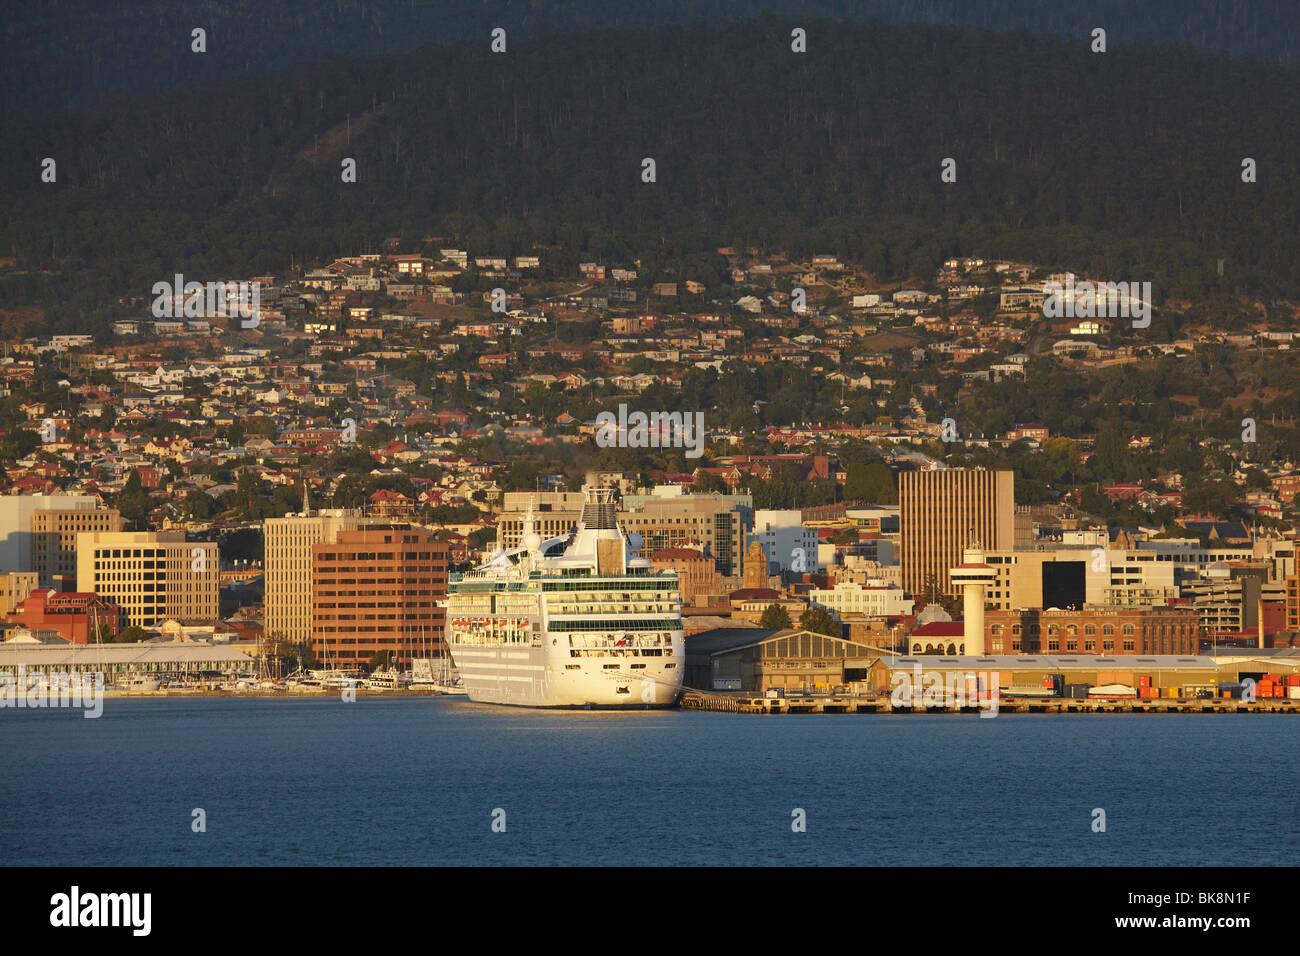 Rhapsody of the Seas bateau de croisière, Sullivans Cove, Hobart, Tasmanie, Australie Photo Stock